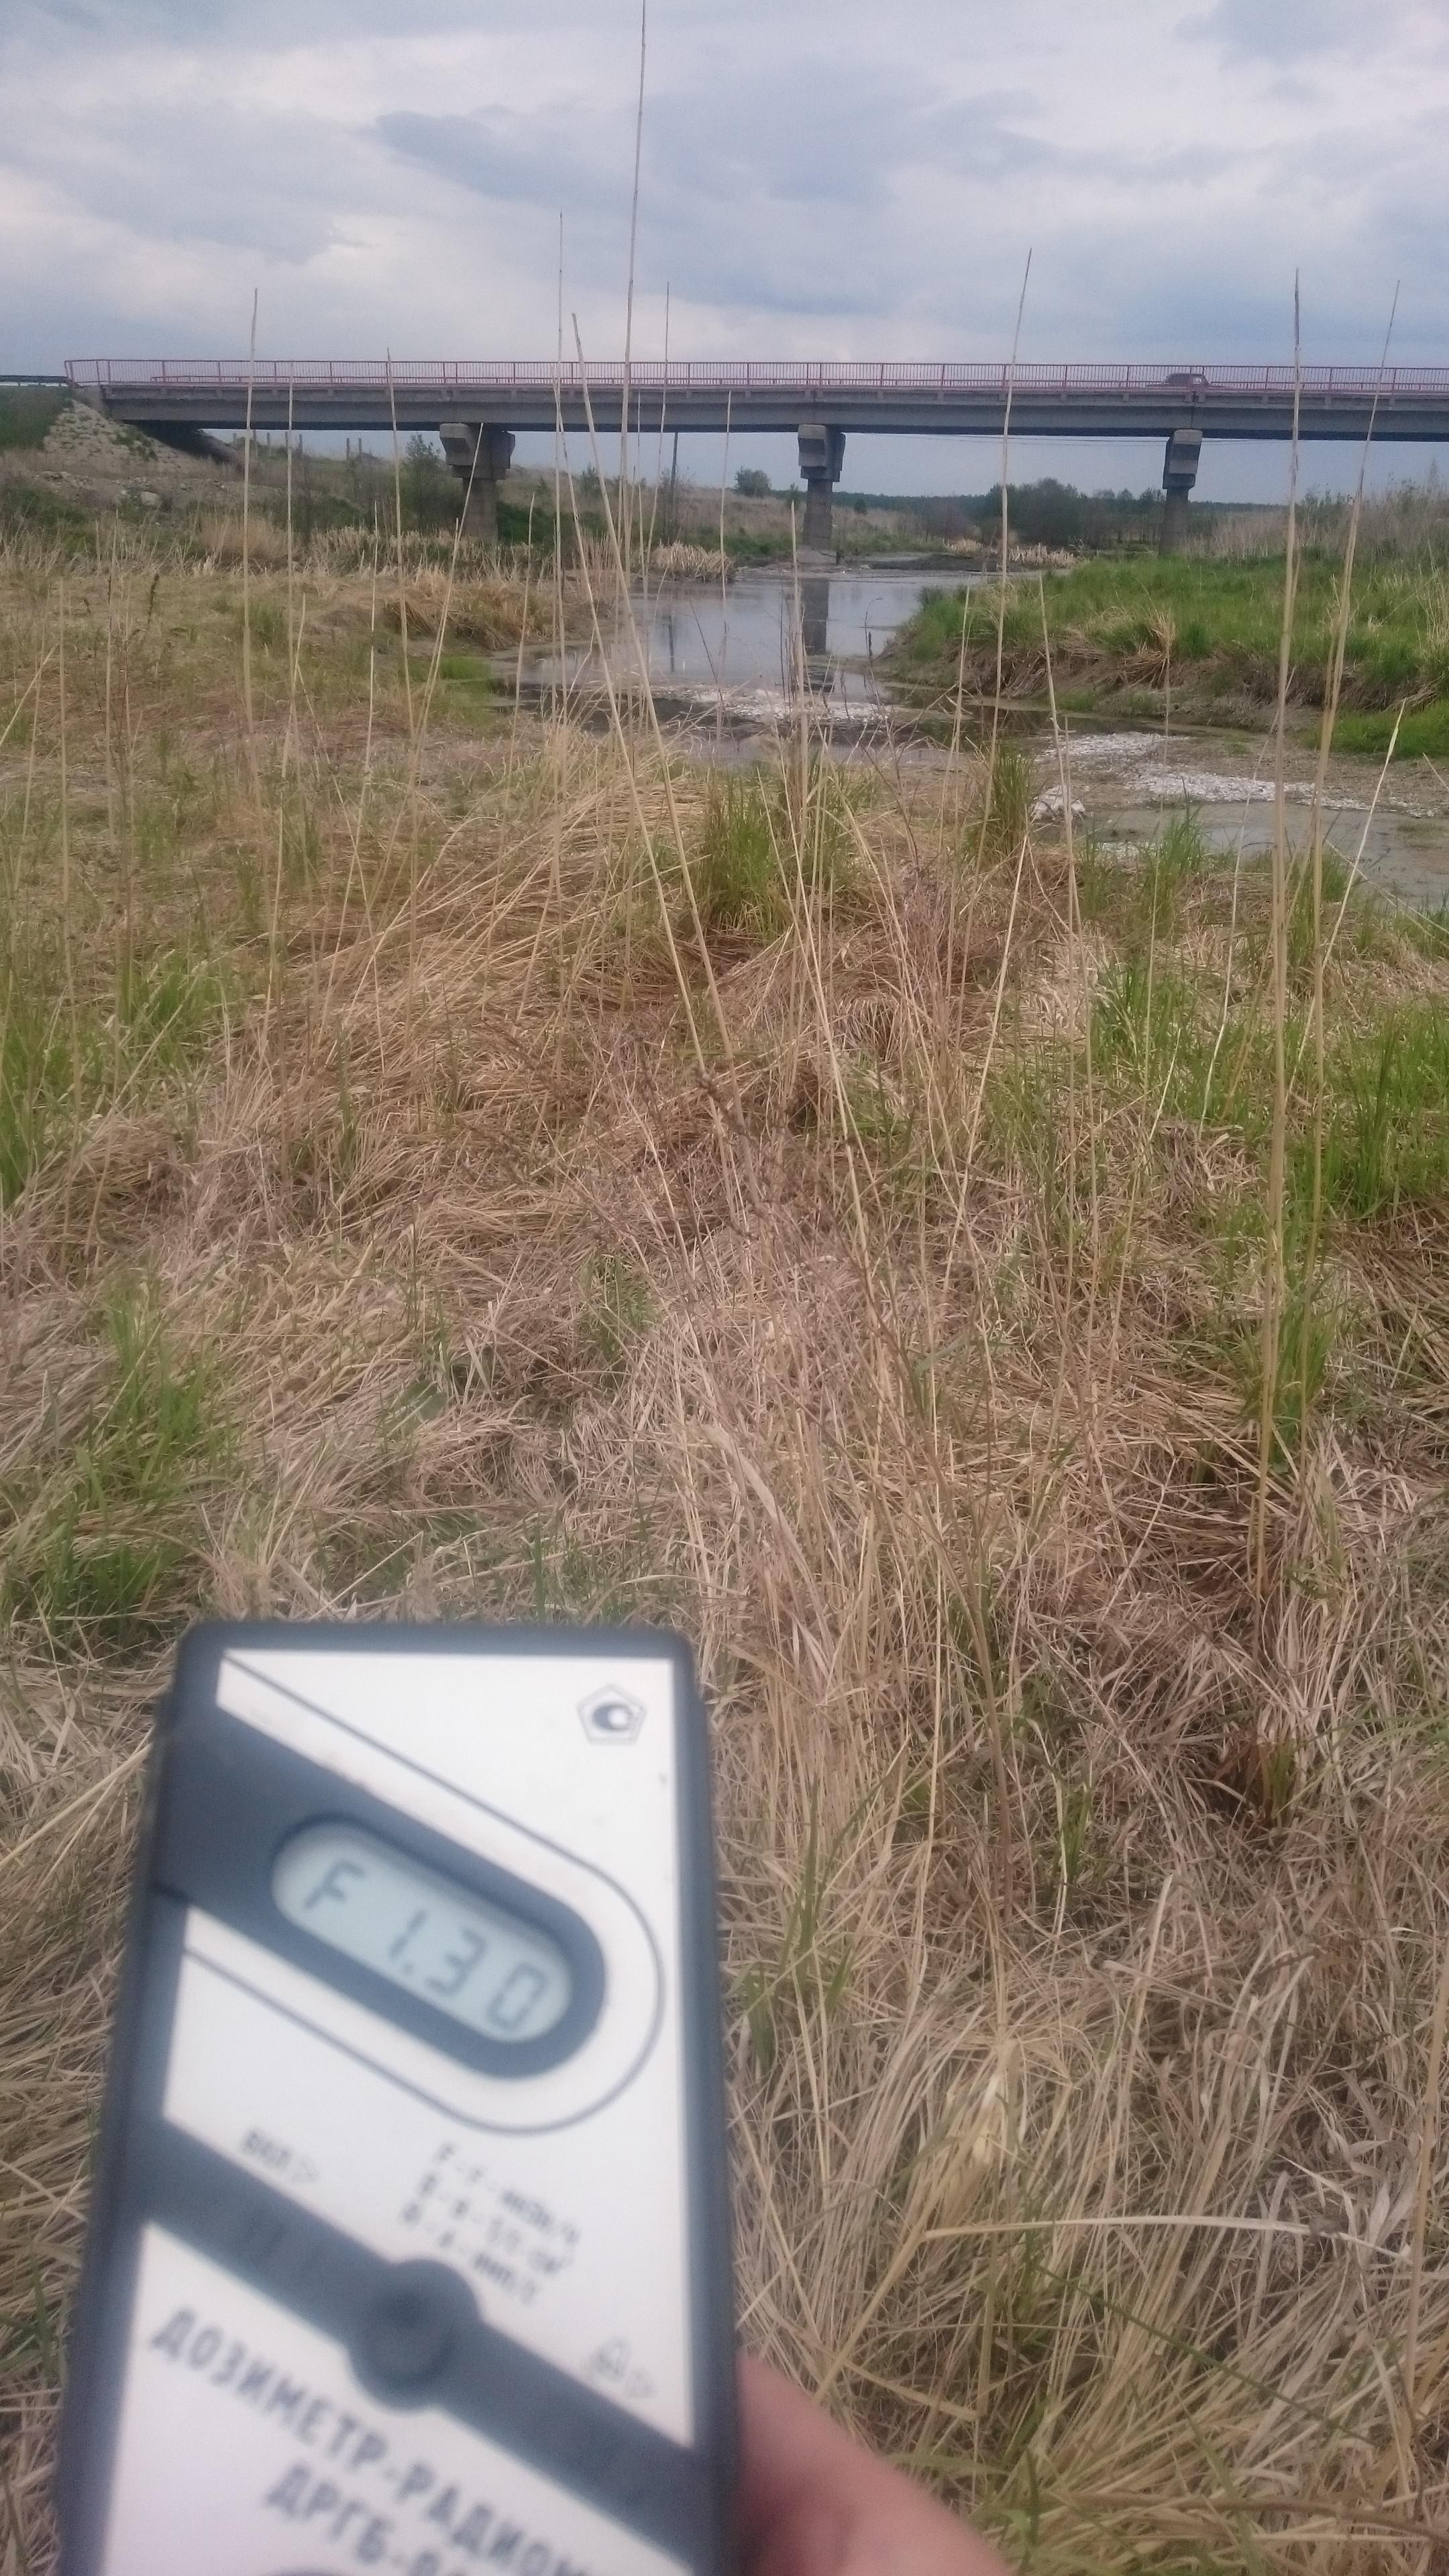 Точка измерения МЭД гамма-излучения на реке Теча в Челябинской области